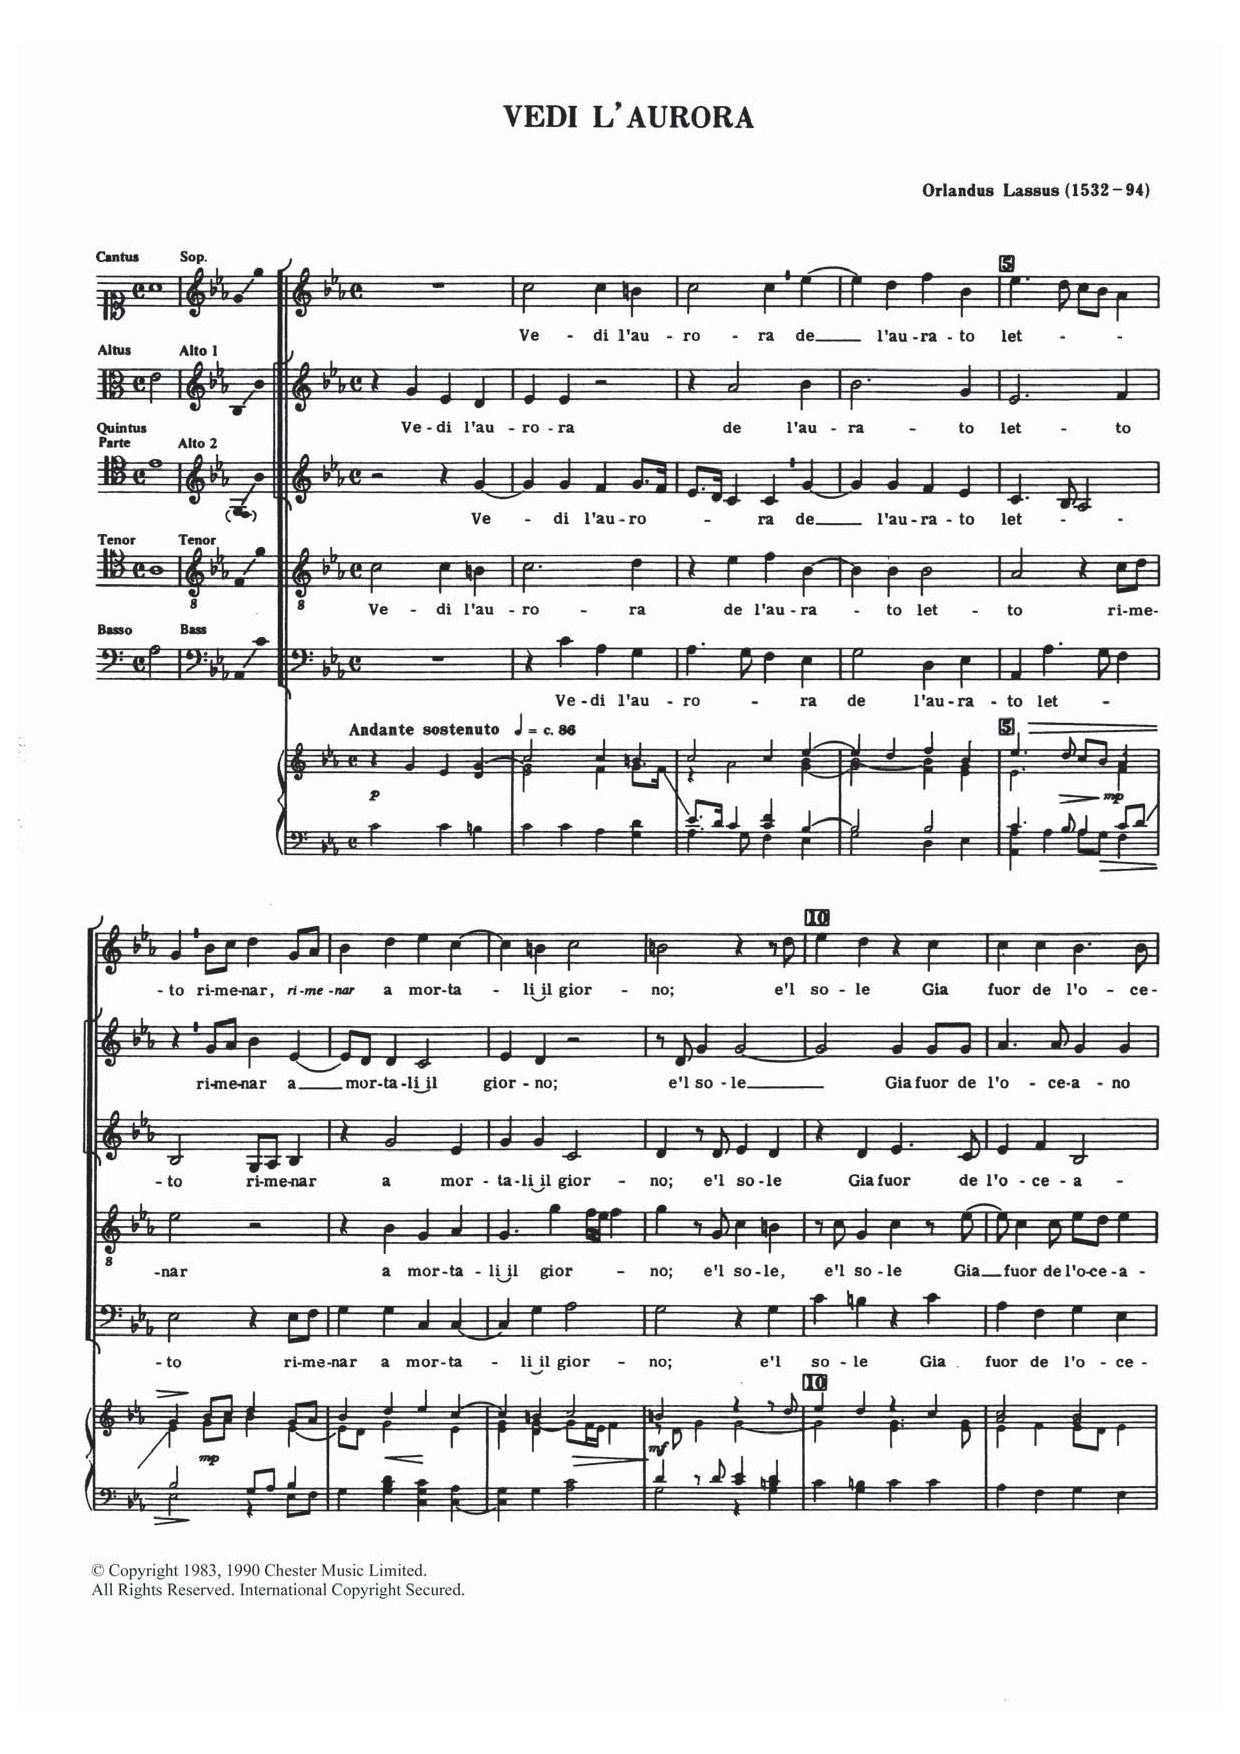 Orlandus Lassus - Vedi L'aurora